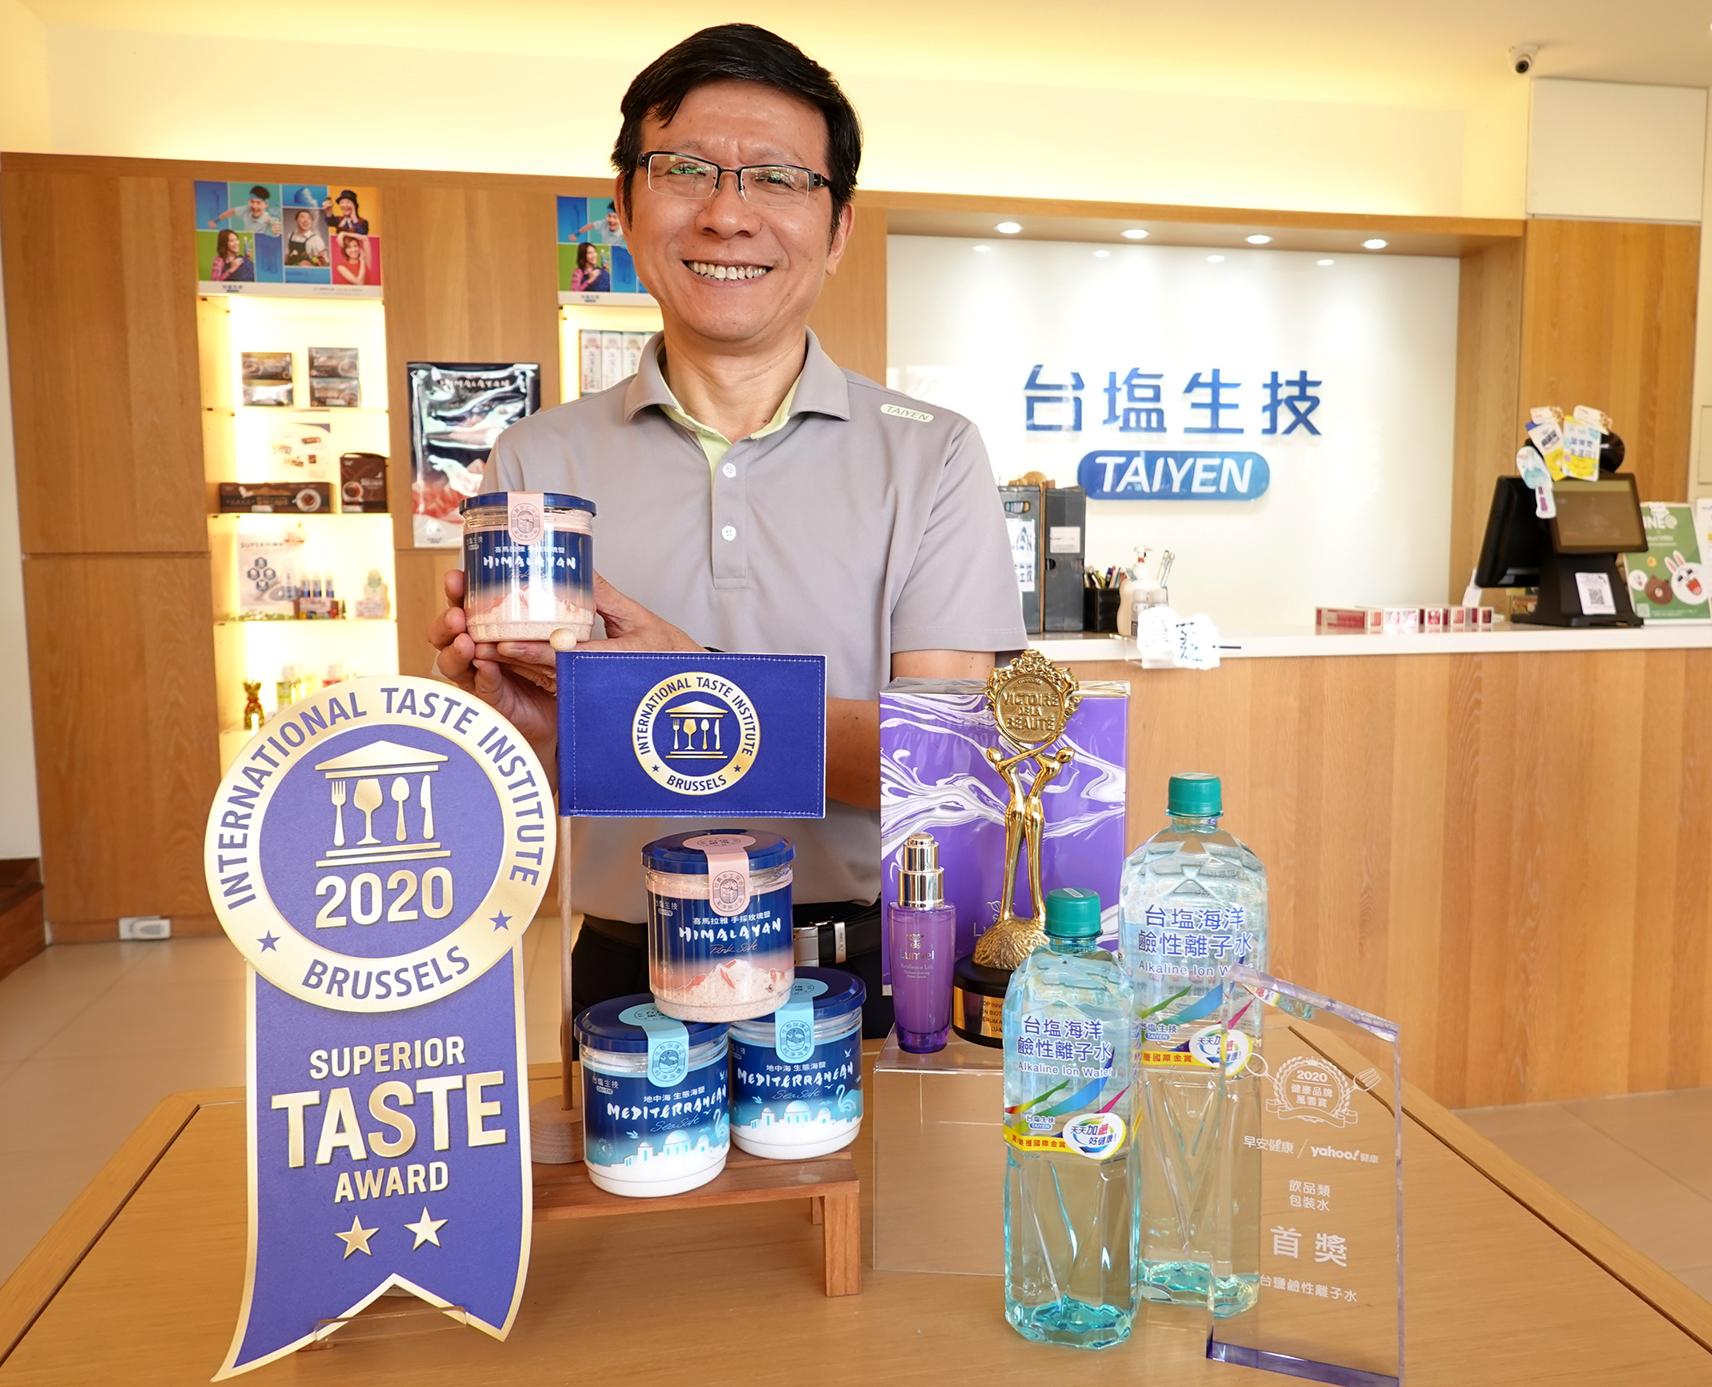 臺鹽公司副總經理陳世輝分享今年勇奪國內外大獎、廣受大眾喜愛的優質產品